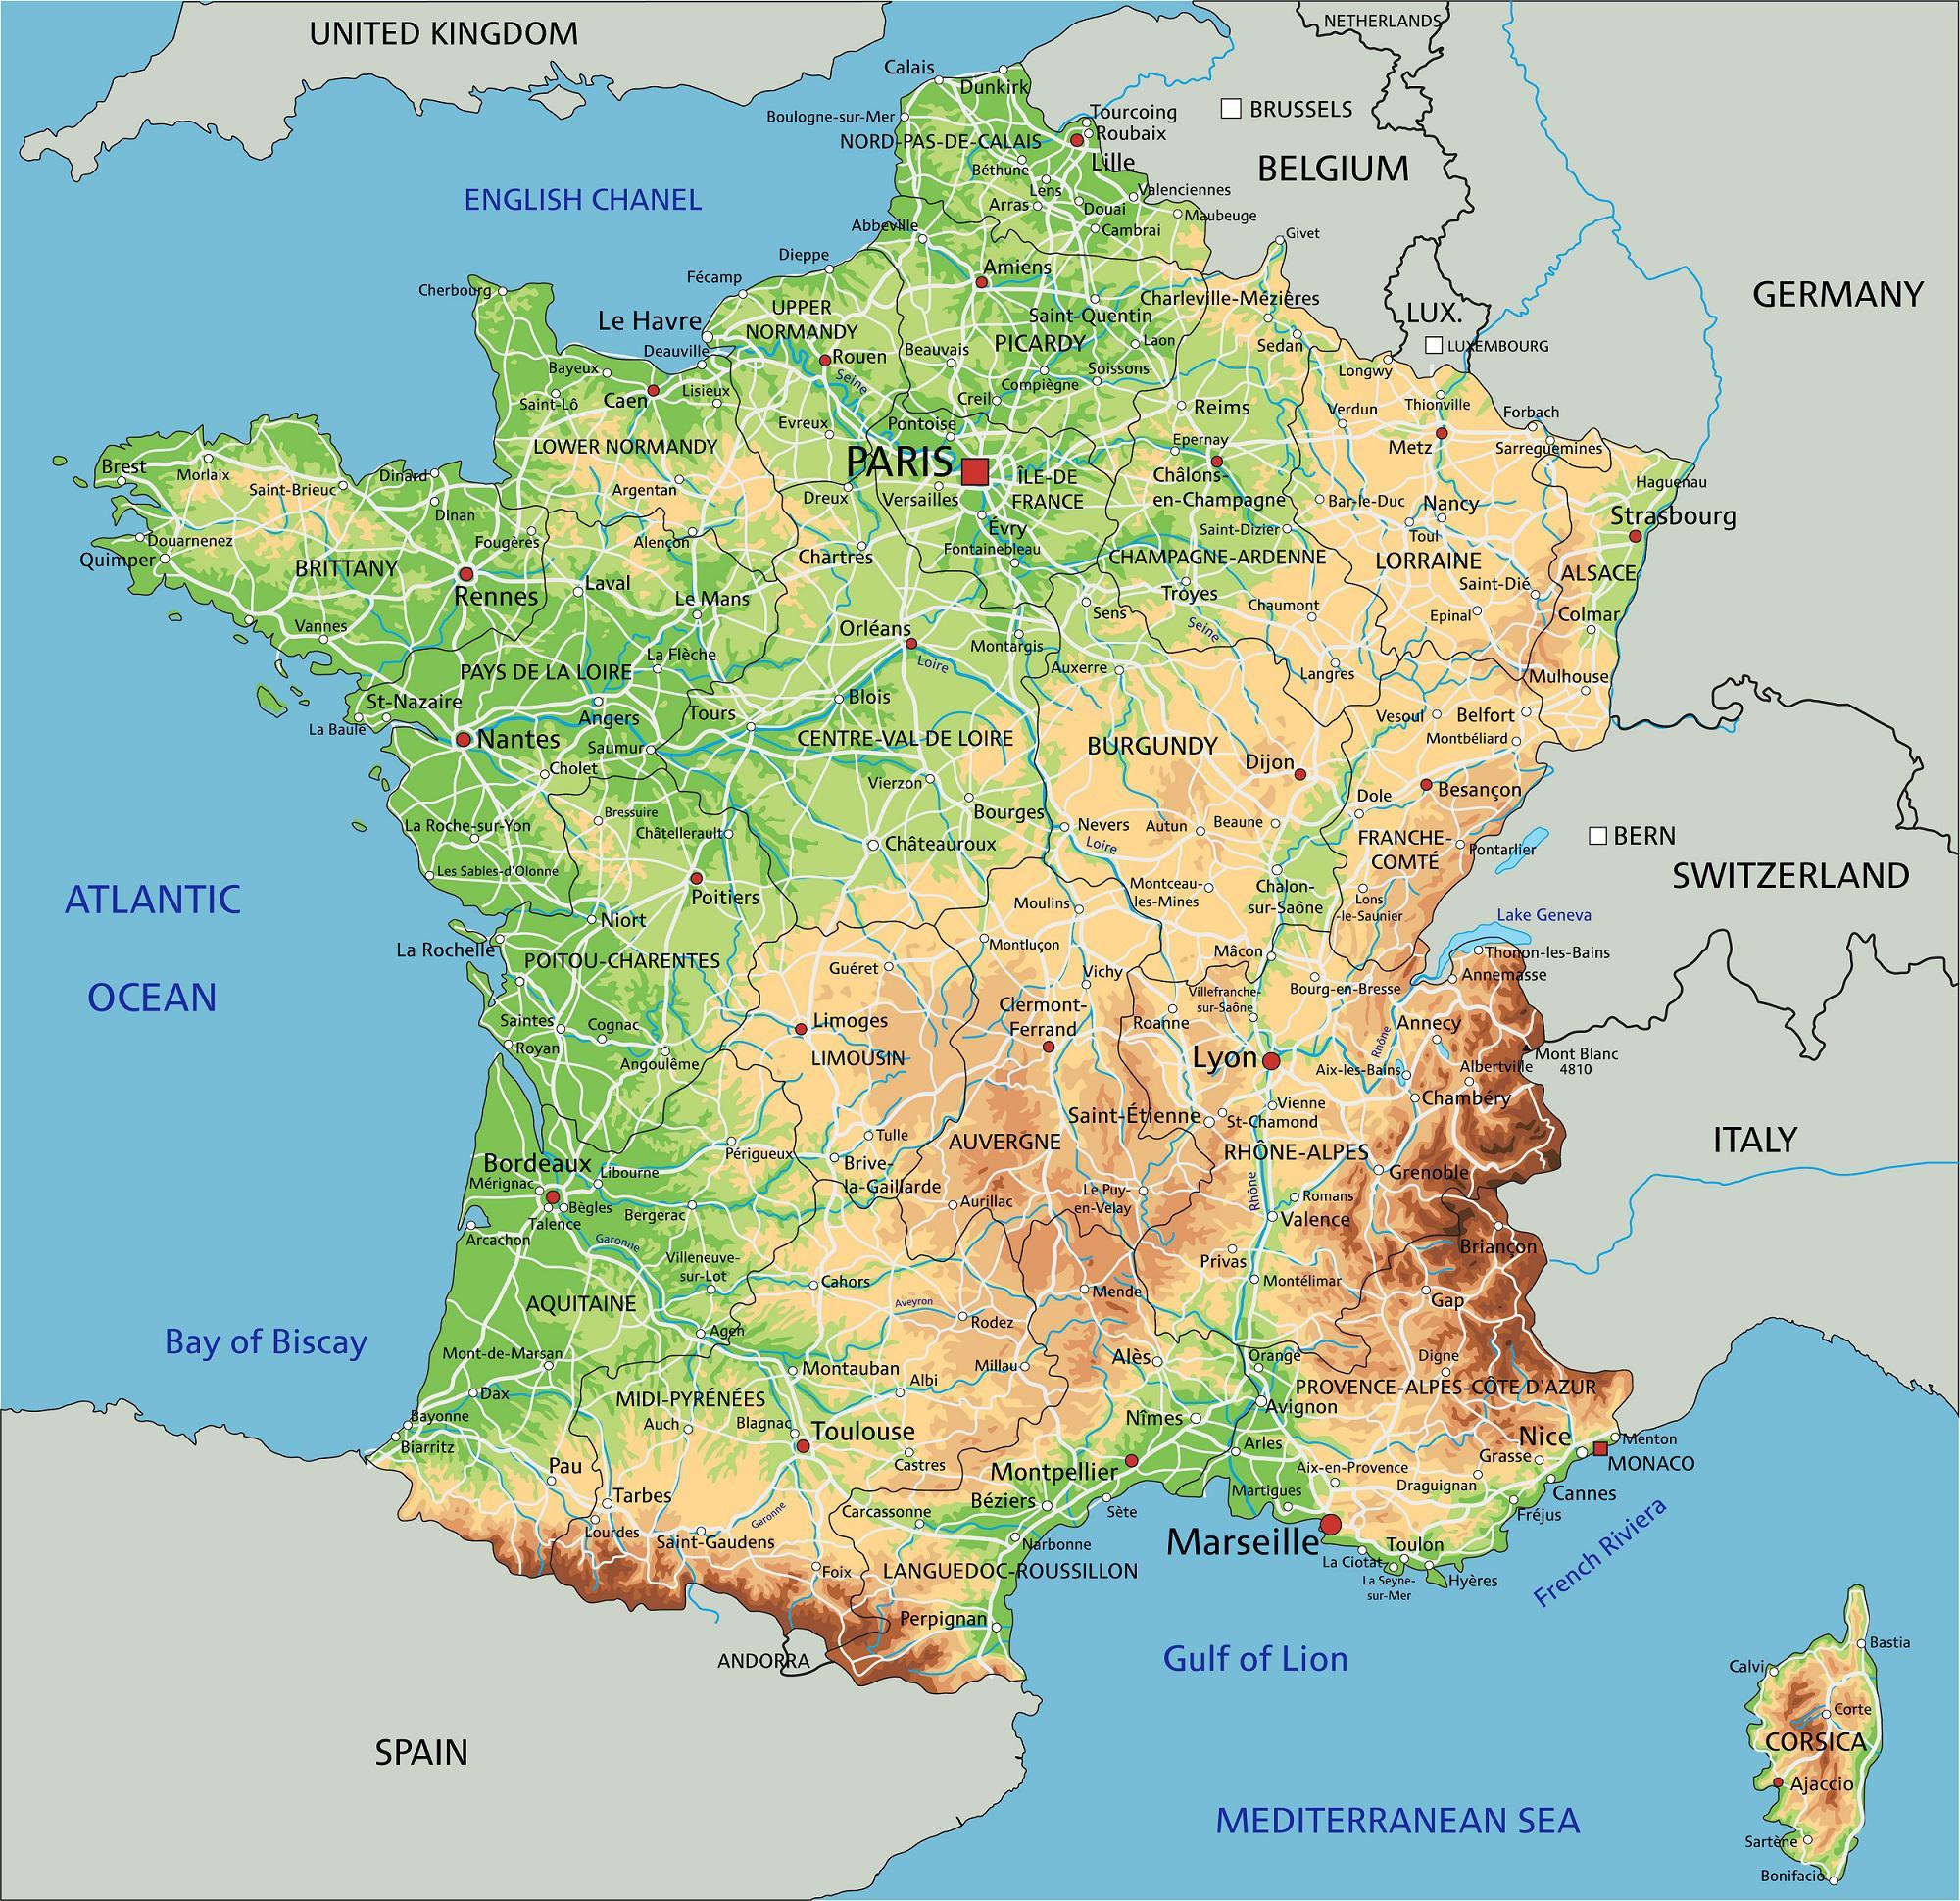 Carte De France - France Carte Des Villes, Régions tout Carte De France Détaillée Avec Les Villes